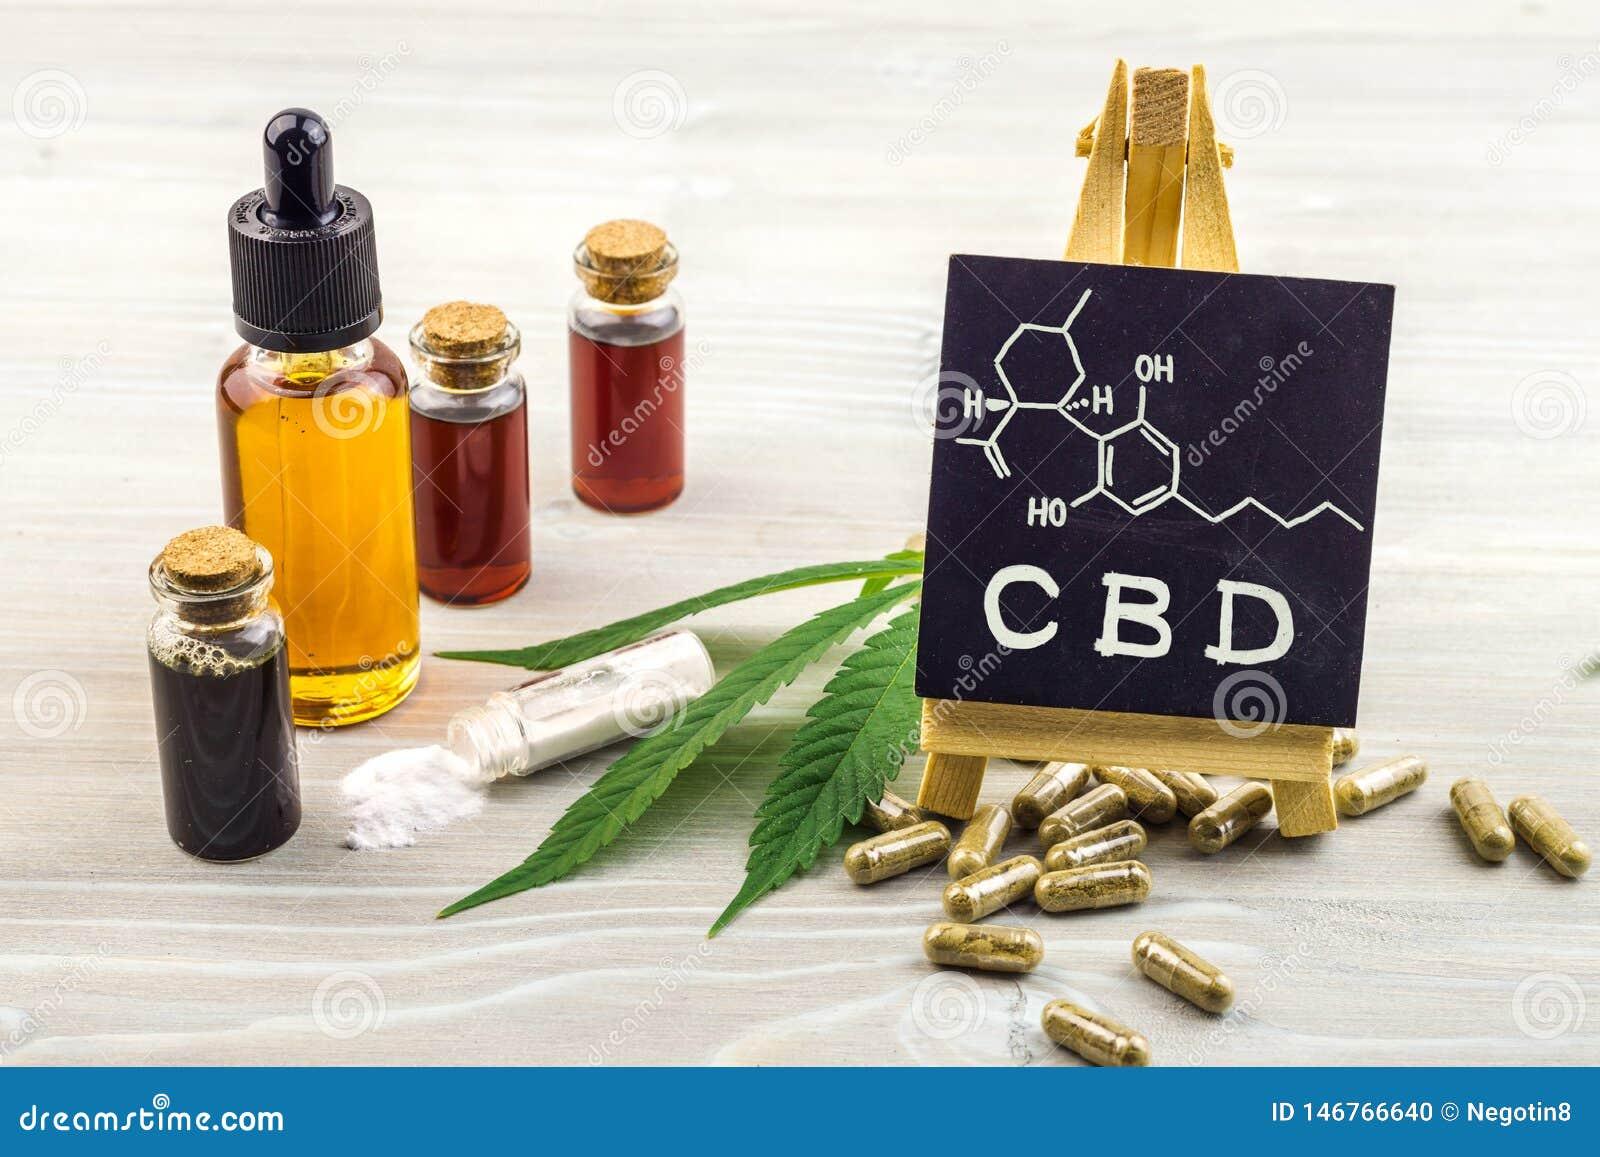 De volledige oli?n, de capsules en de kristallen van spectrumcannabidiol CBD isoleren met klein bord met CBD-woord en chemische s